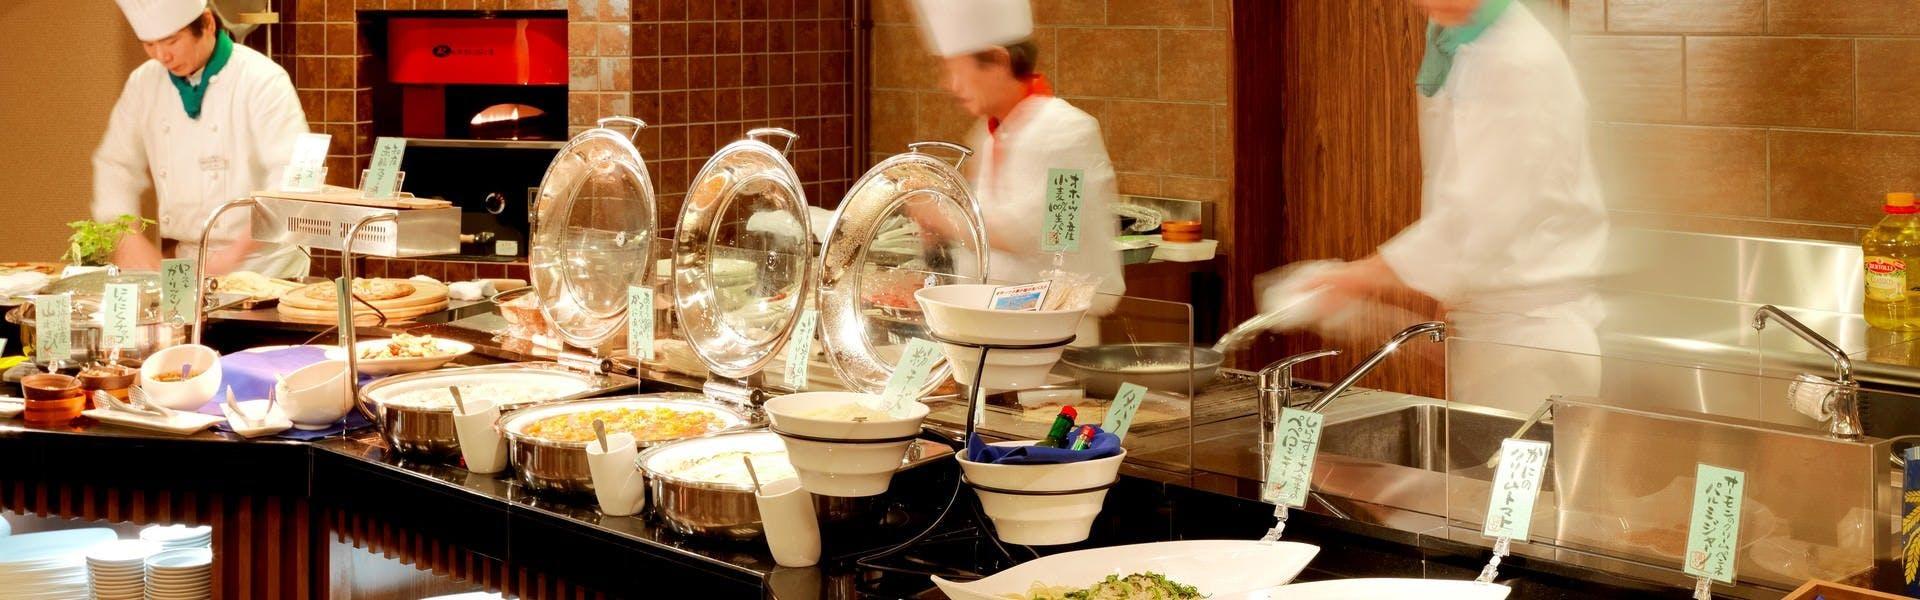 記念日におすすめのホテル・北こぶし知床 ホテル&リゾートの写真2